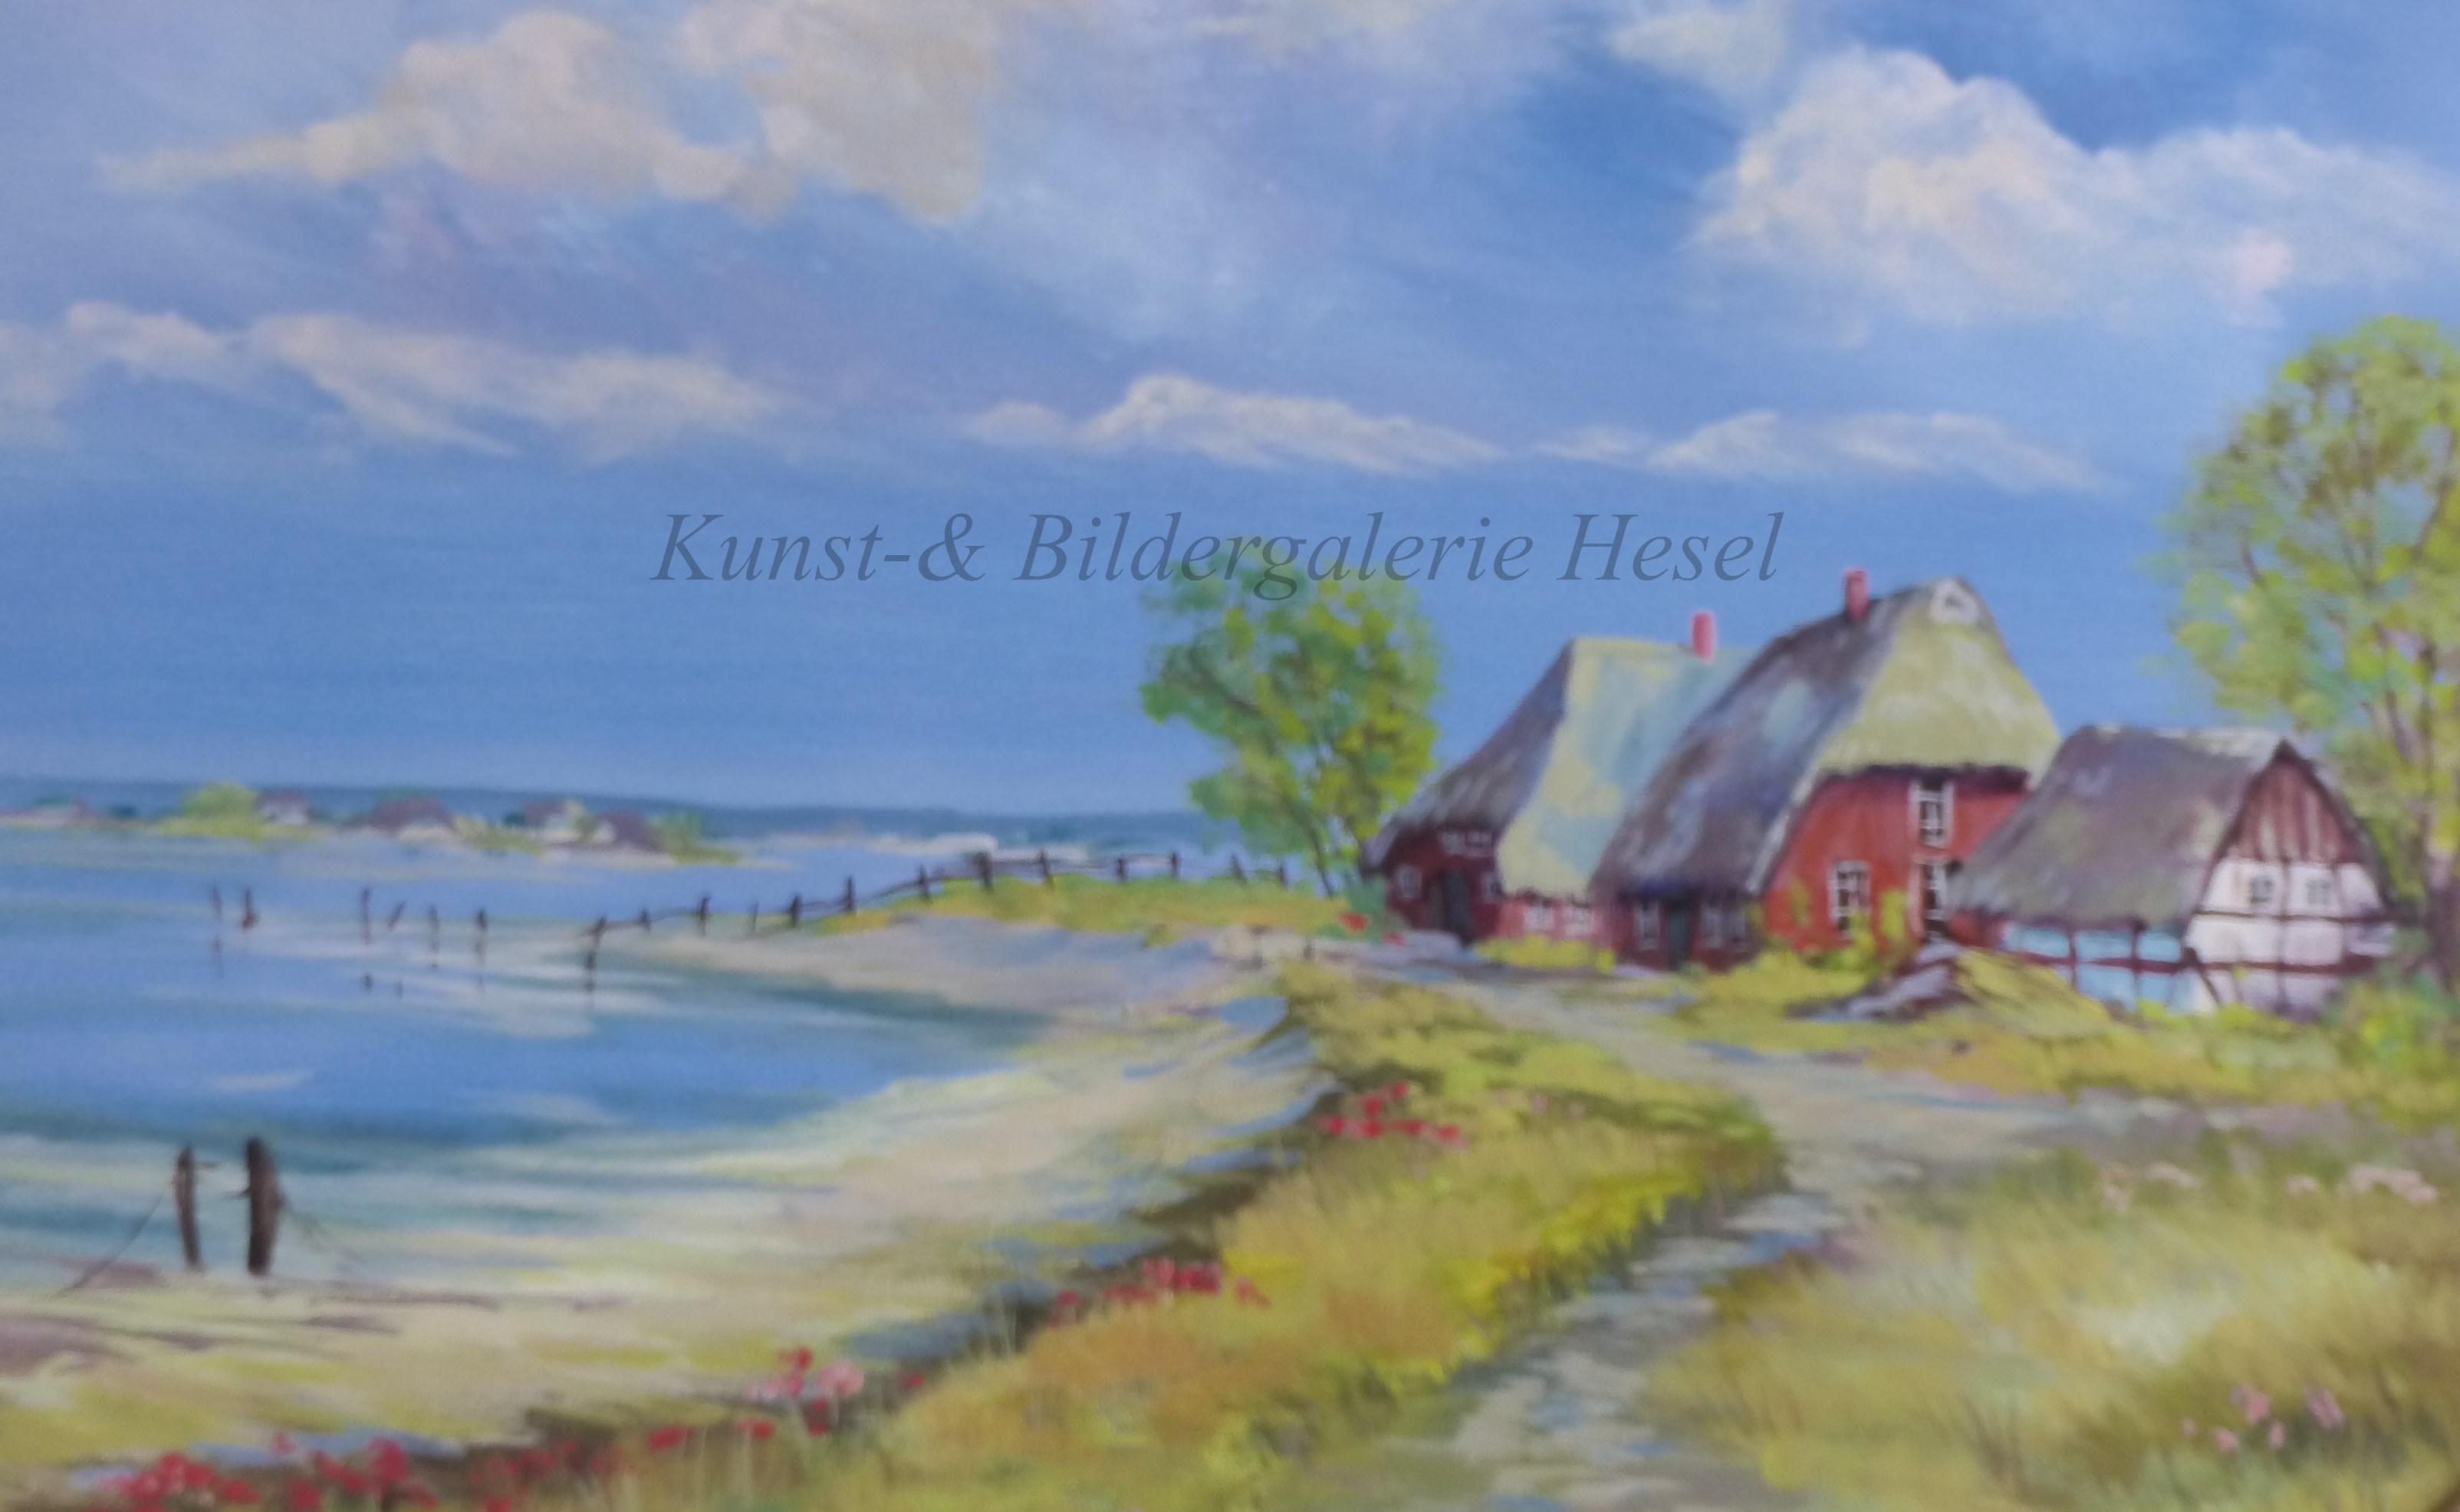 Norddeutsche Küstenlandschaften in der Kunst- und Bildergalerie Hesel